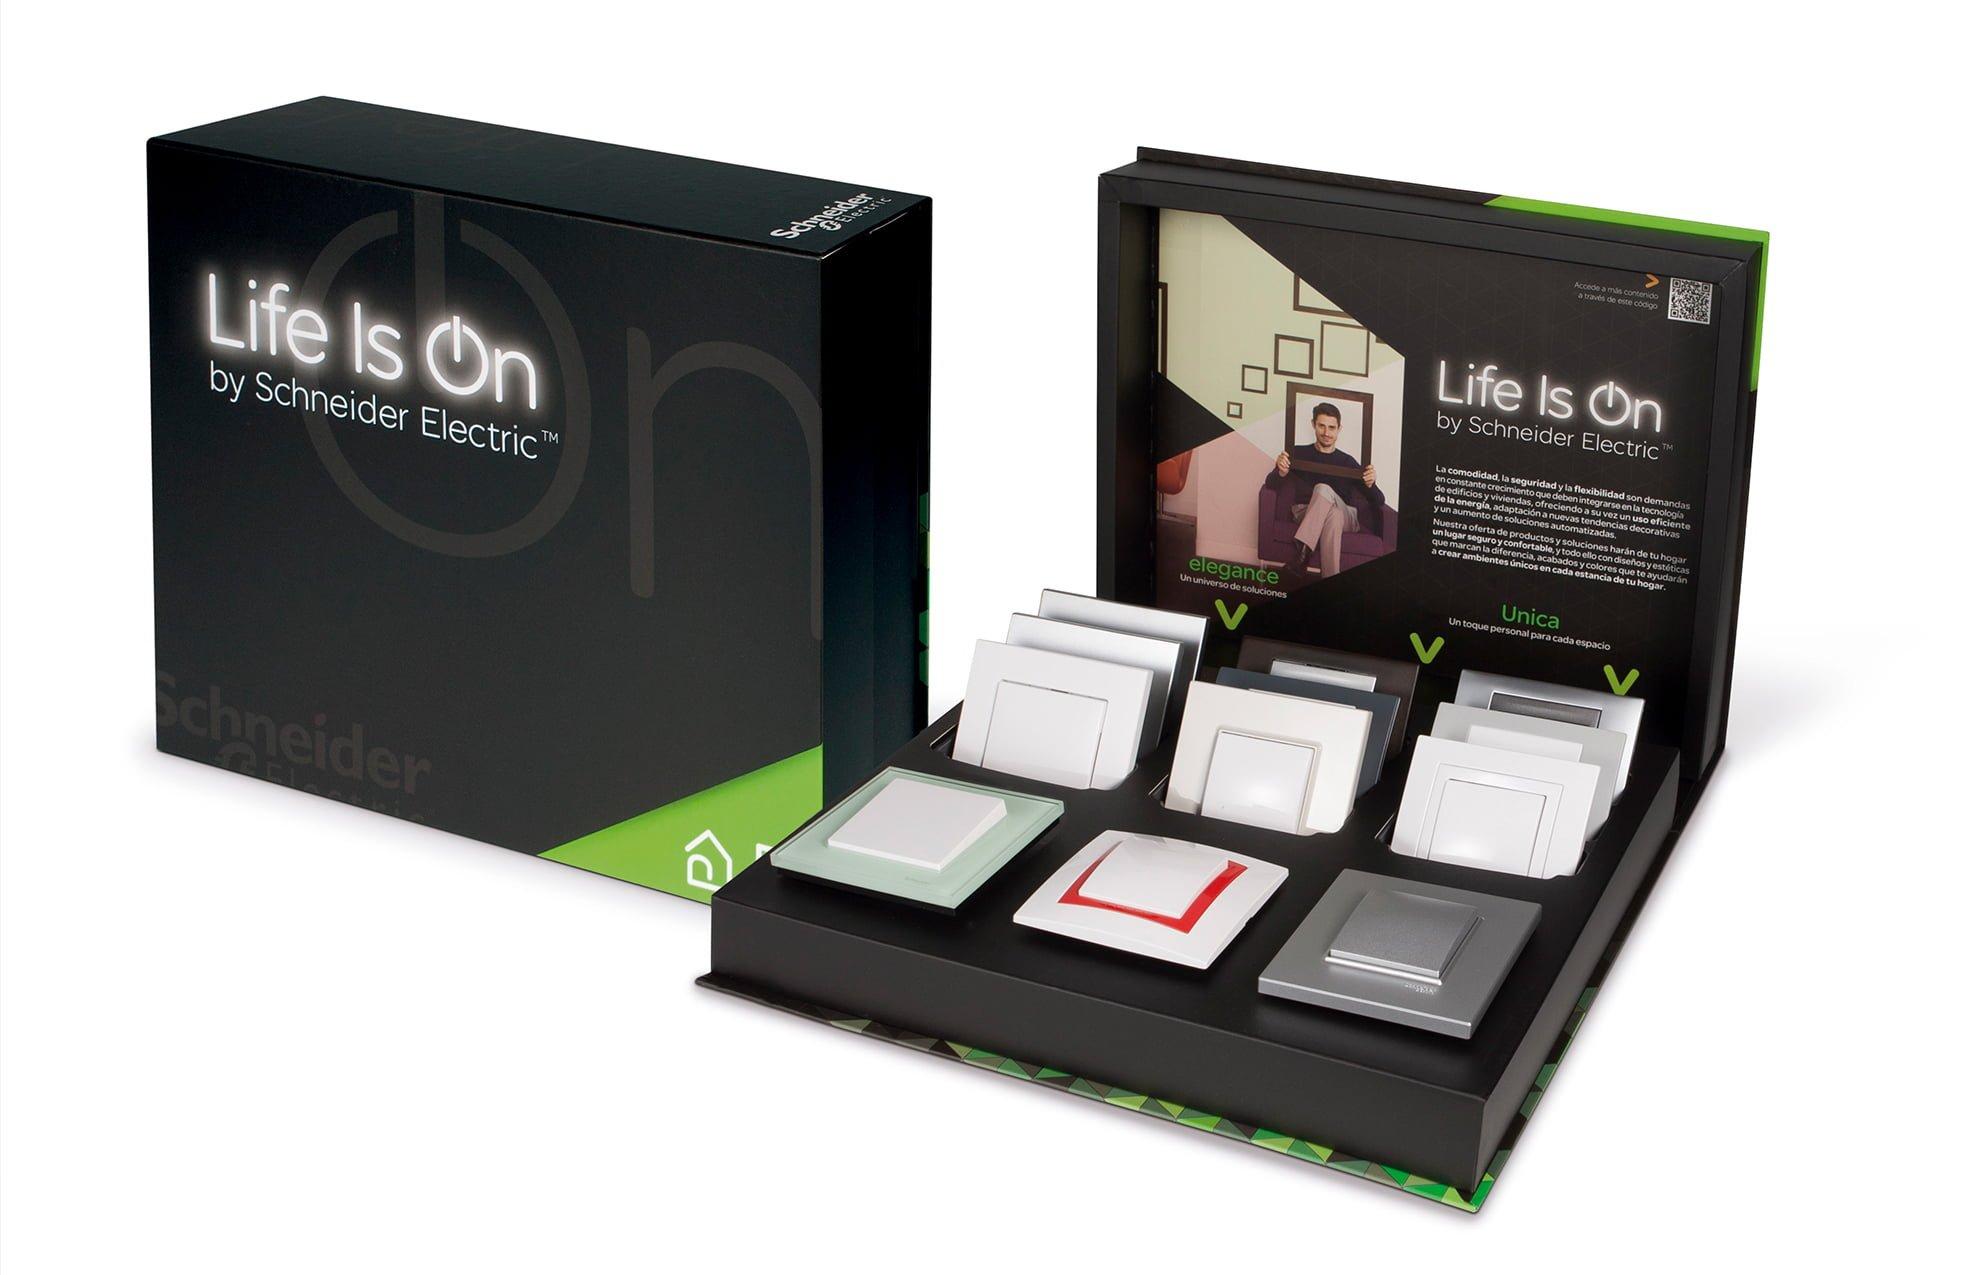 diseno de packaging para empresa industrial - ¿Qué es el unboxing? ¿Cómo puede mejorar la decisión de compra de un cliente?